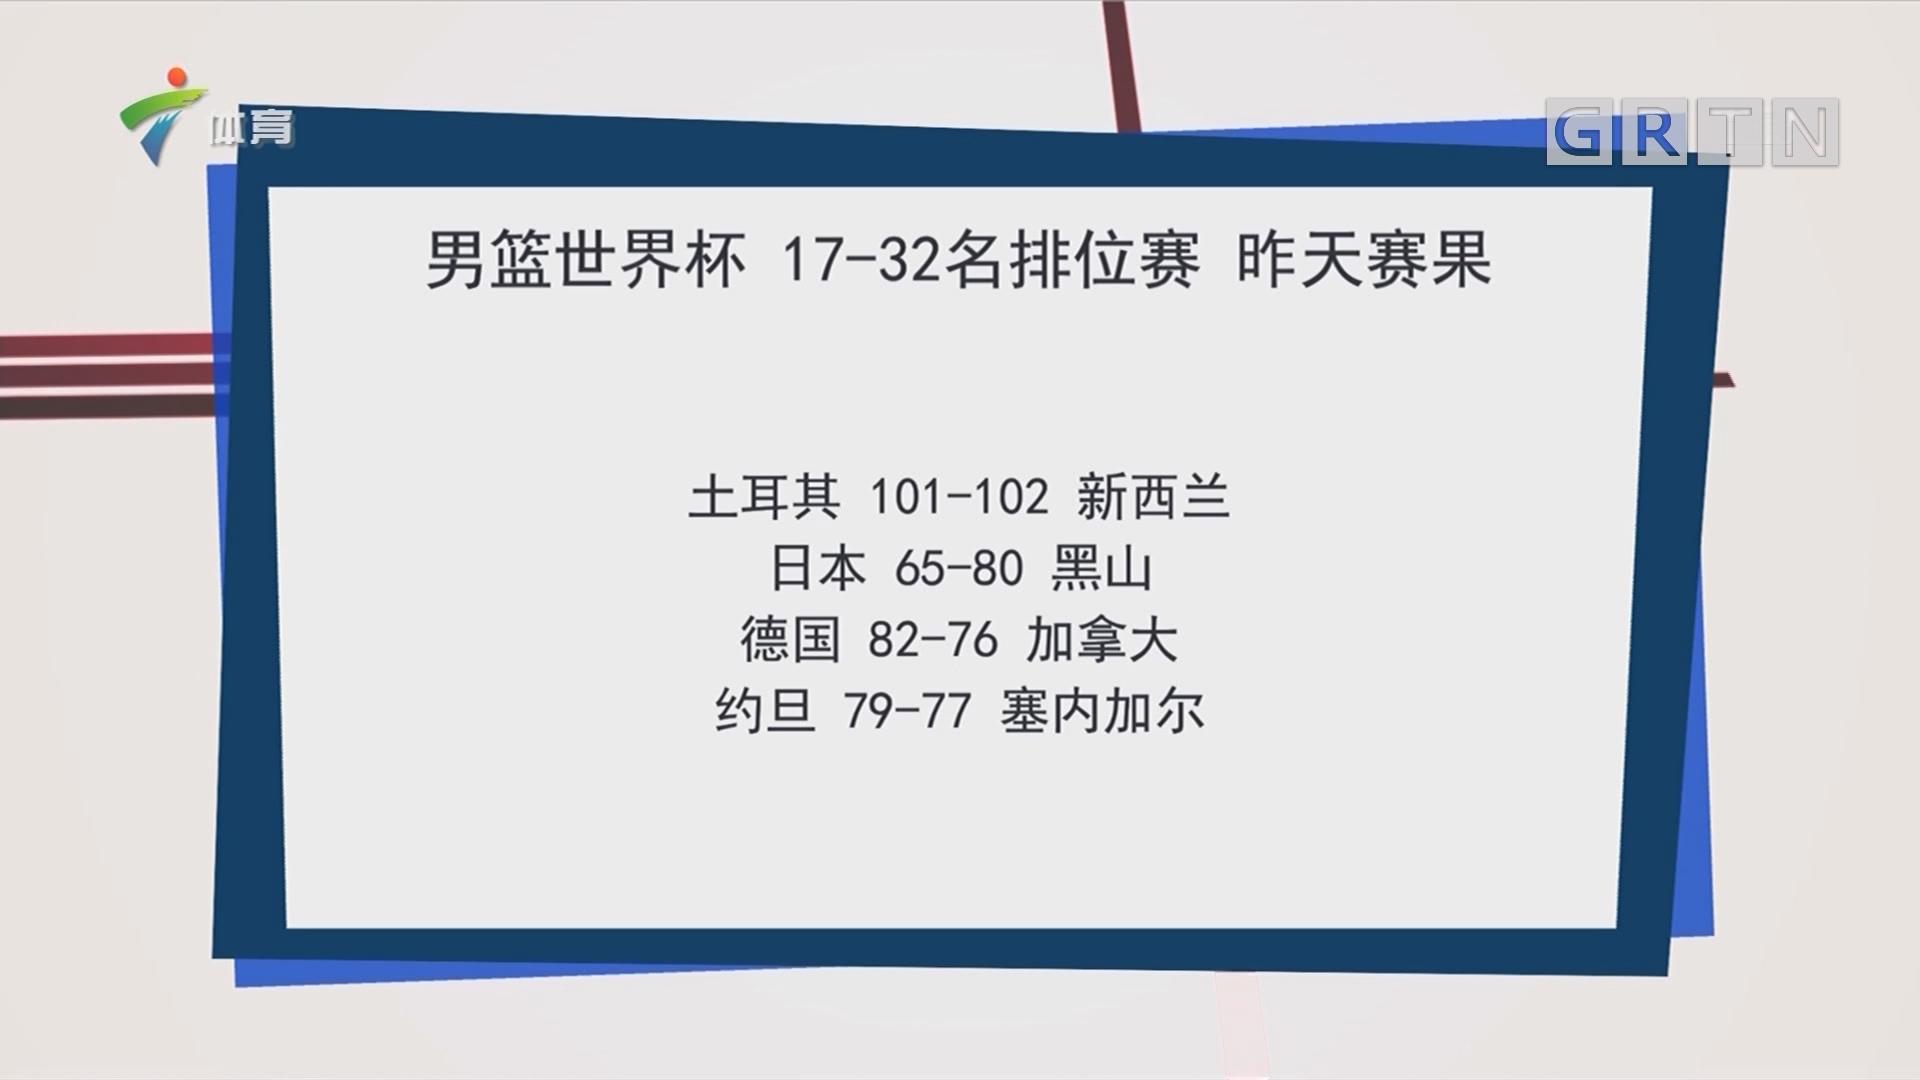 男篮世界杯 17-32名排位赛 昨天赛果